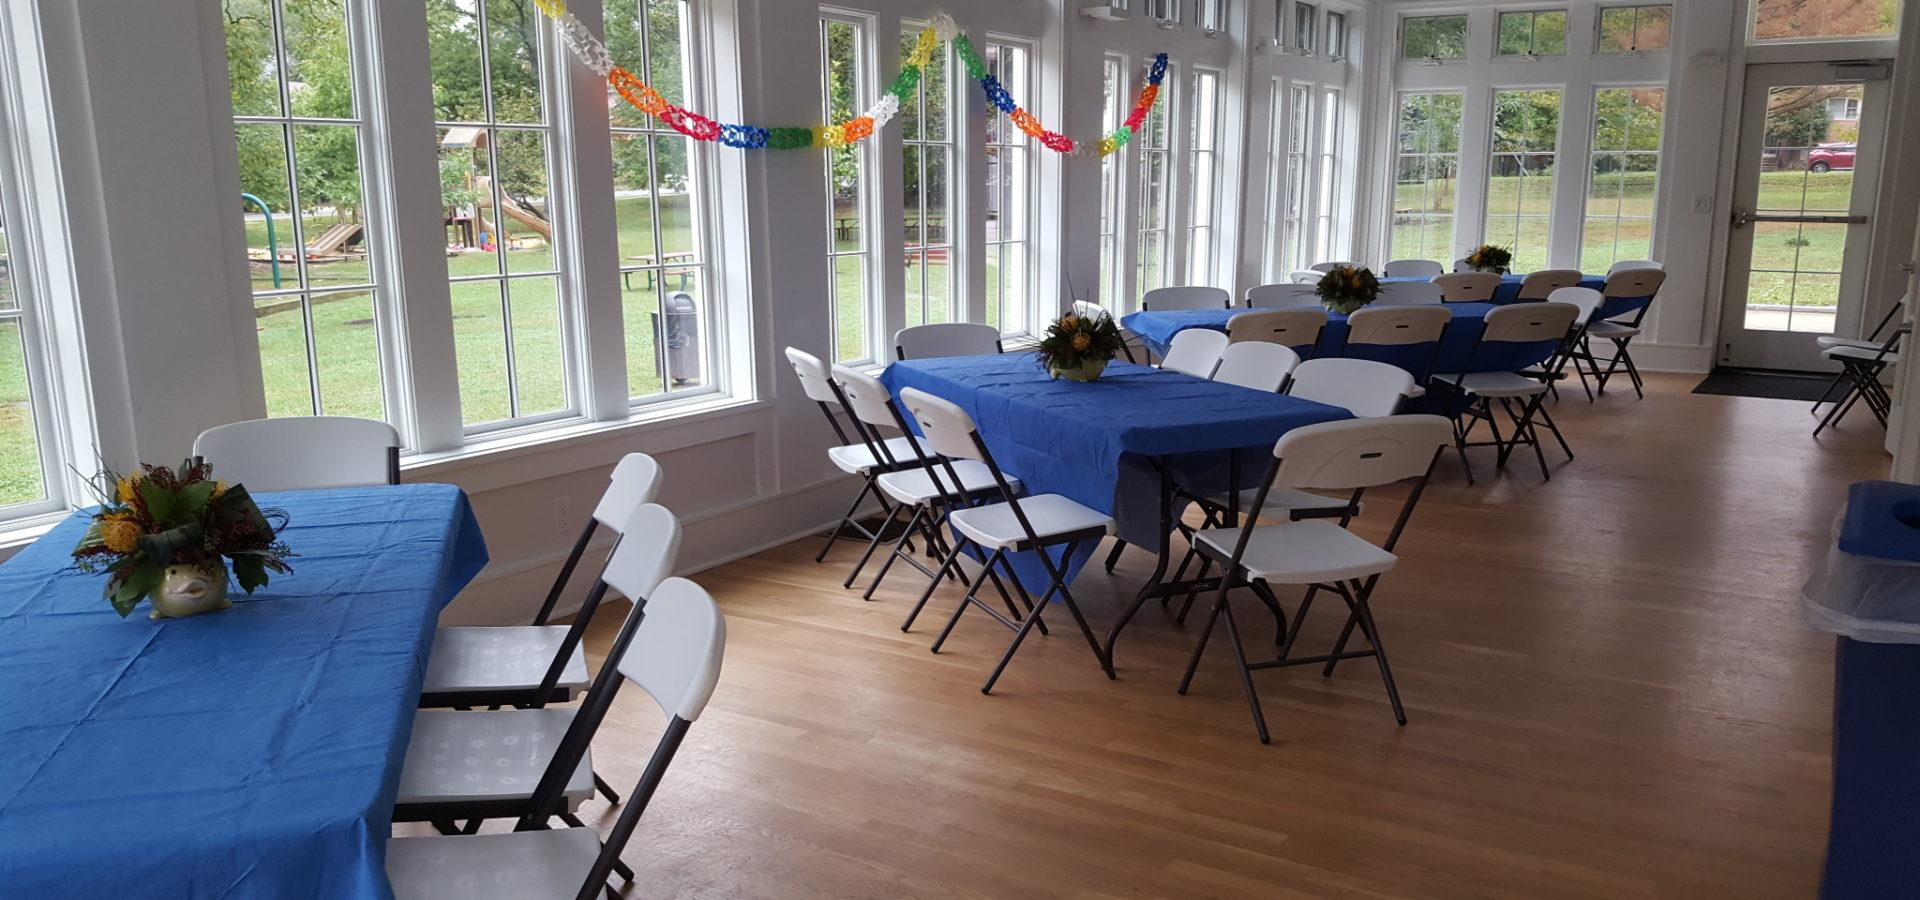 Home Lyon Park Community Center